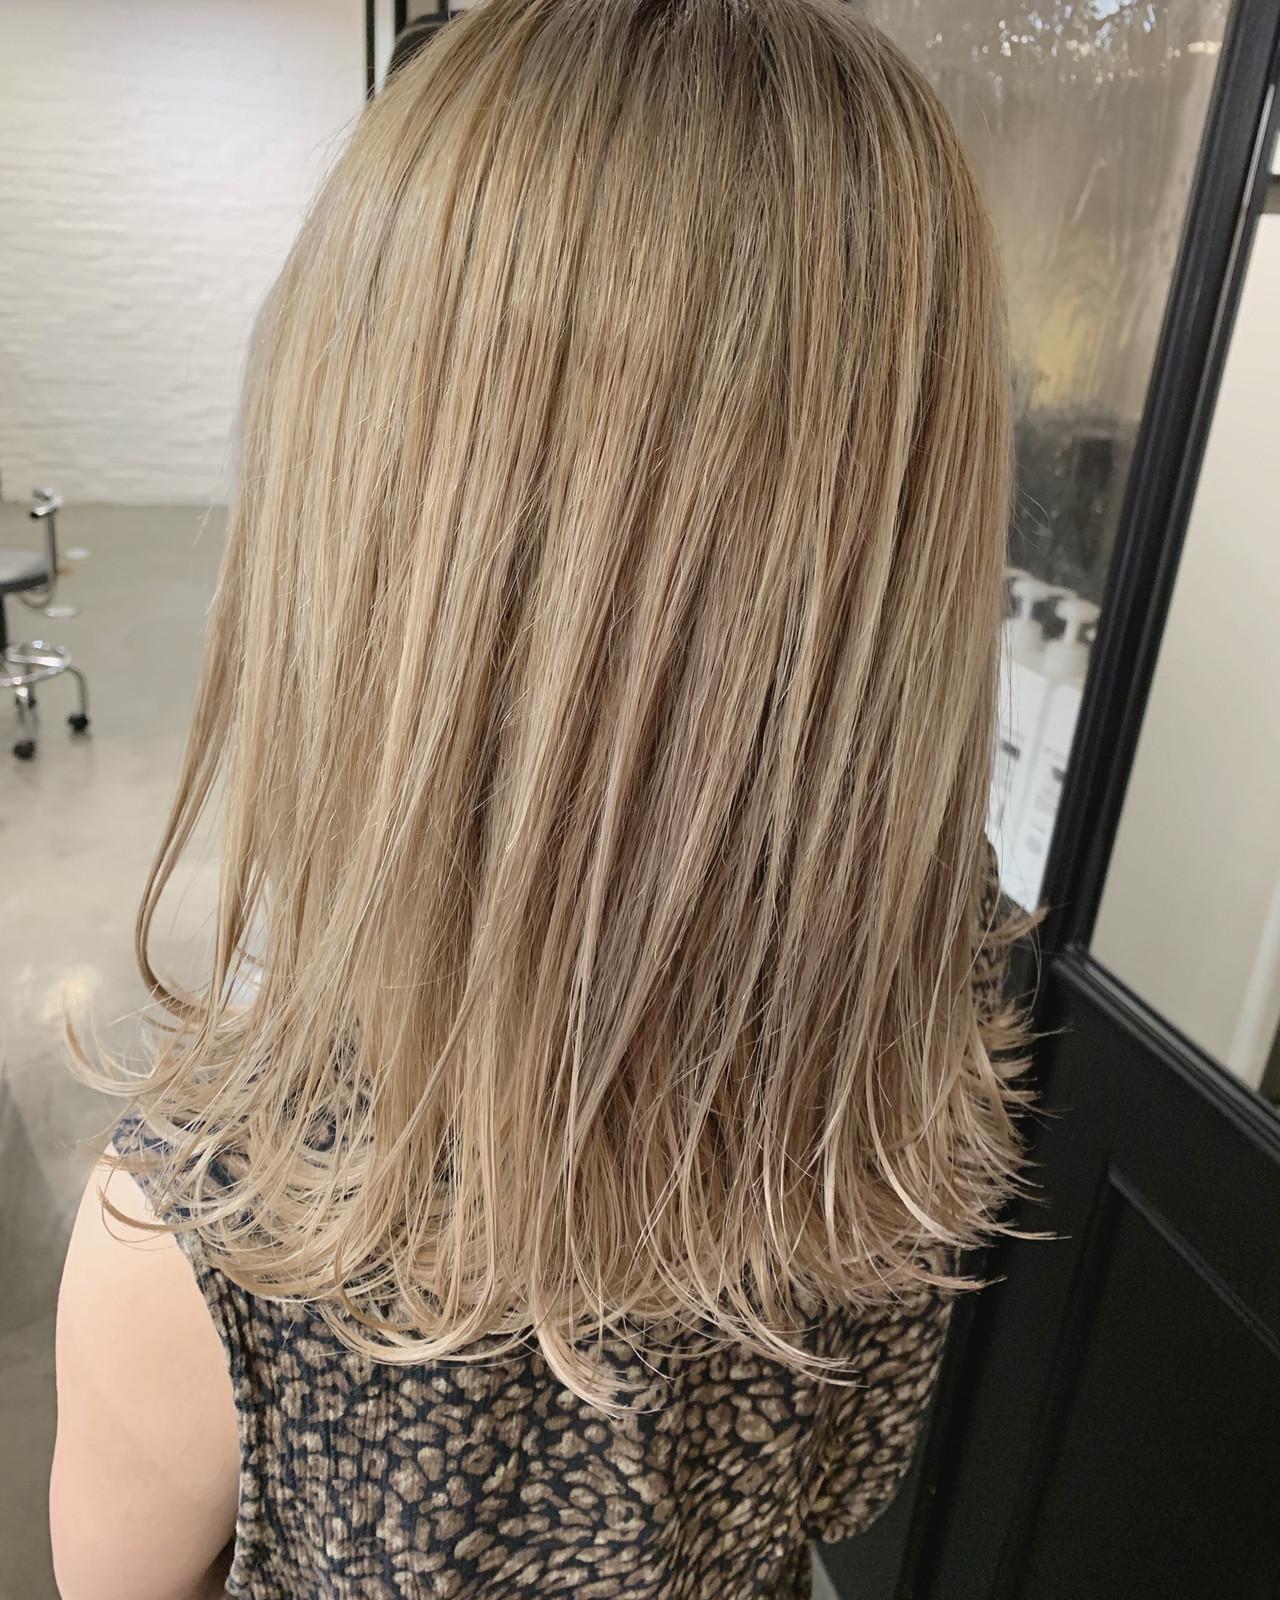 ブリーチカラー ミディアム ミルクティーベージュ ミルクティーブラウン ヘアスタイルや髪型の写真・画像